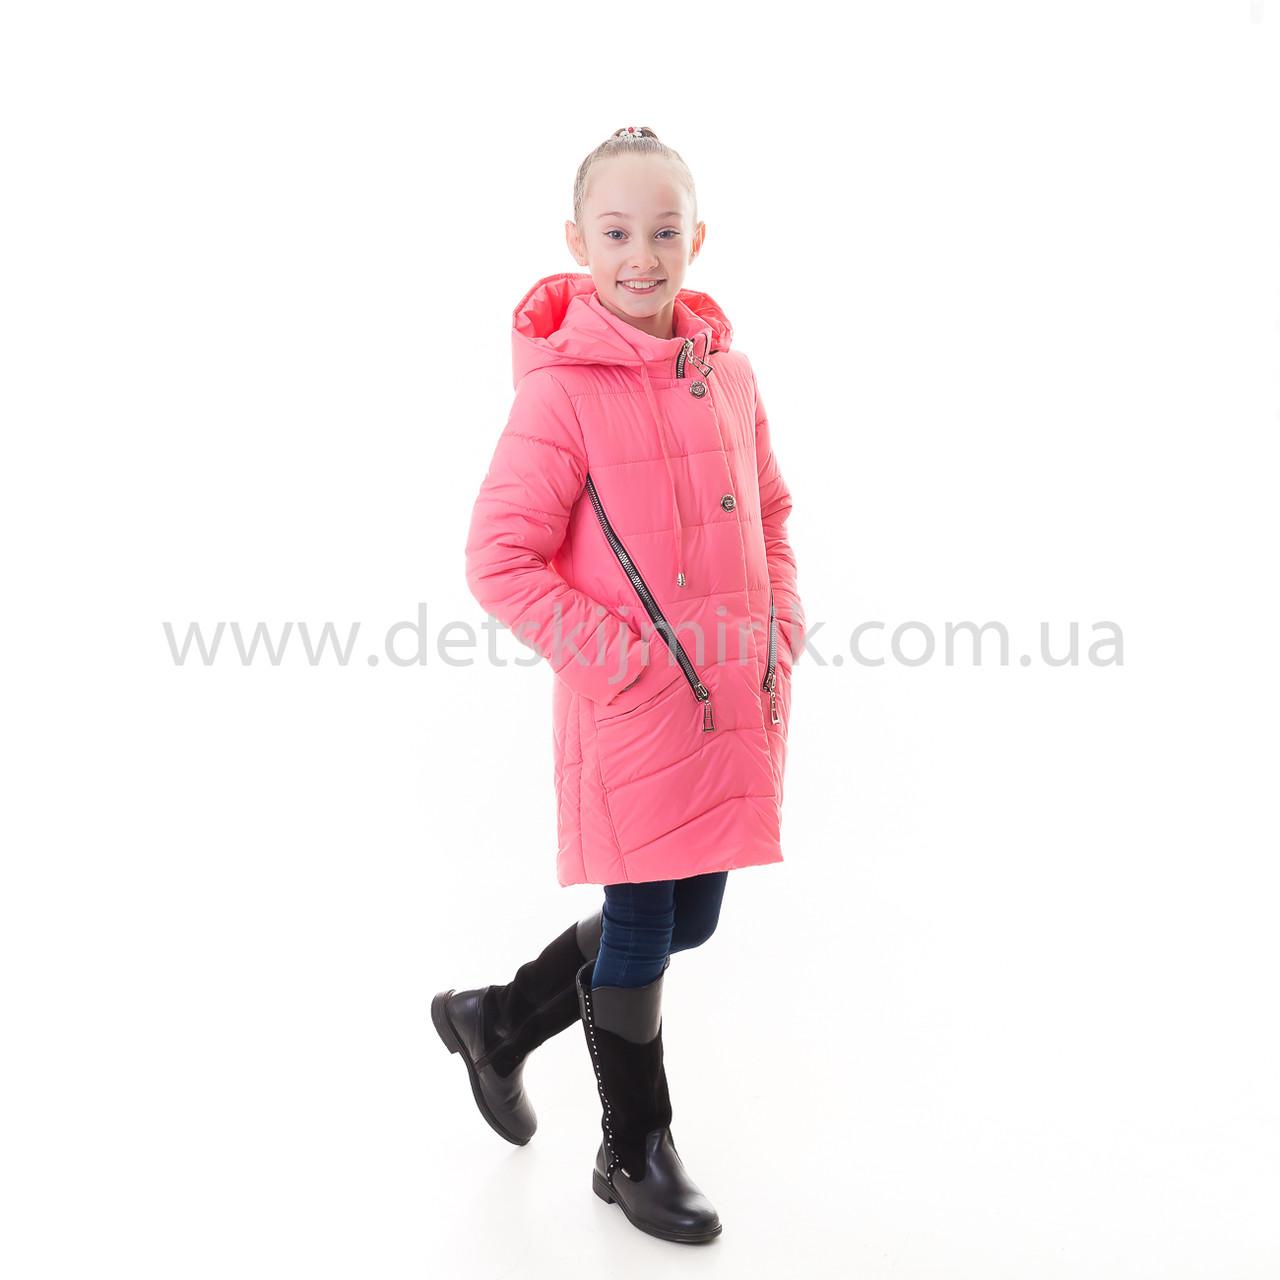 Детская куртка для девочки оптом и в розницу  продажа, цена в ... 3ac25d0f19b